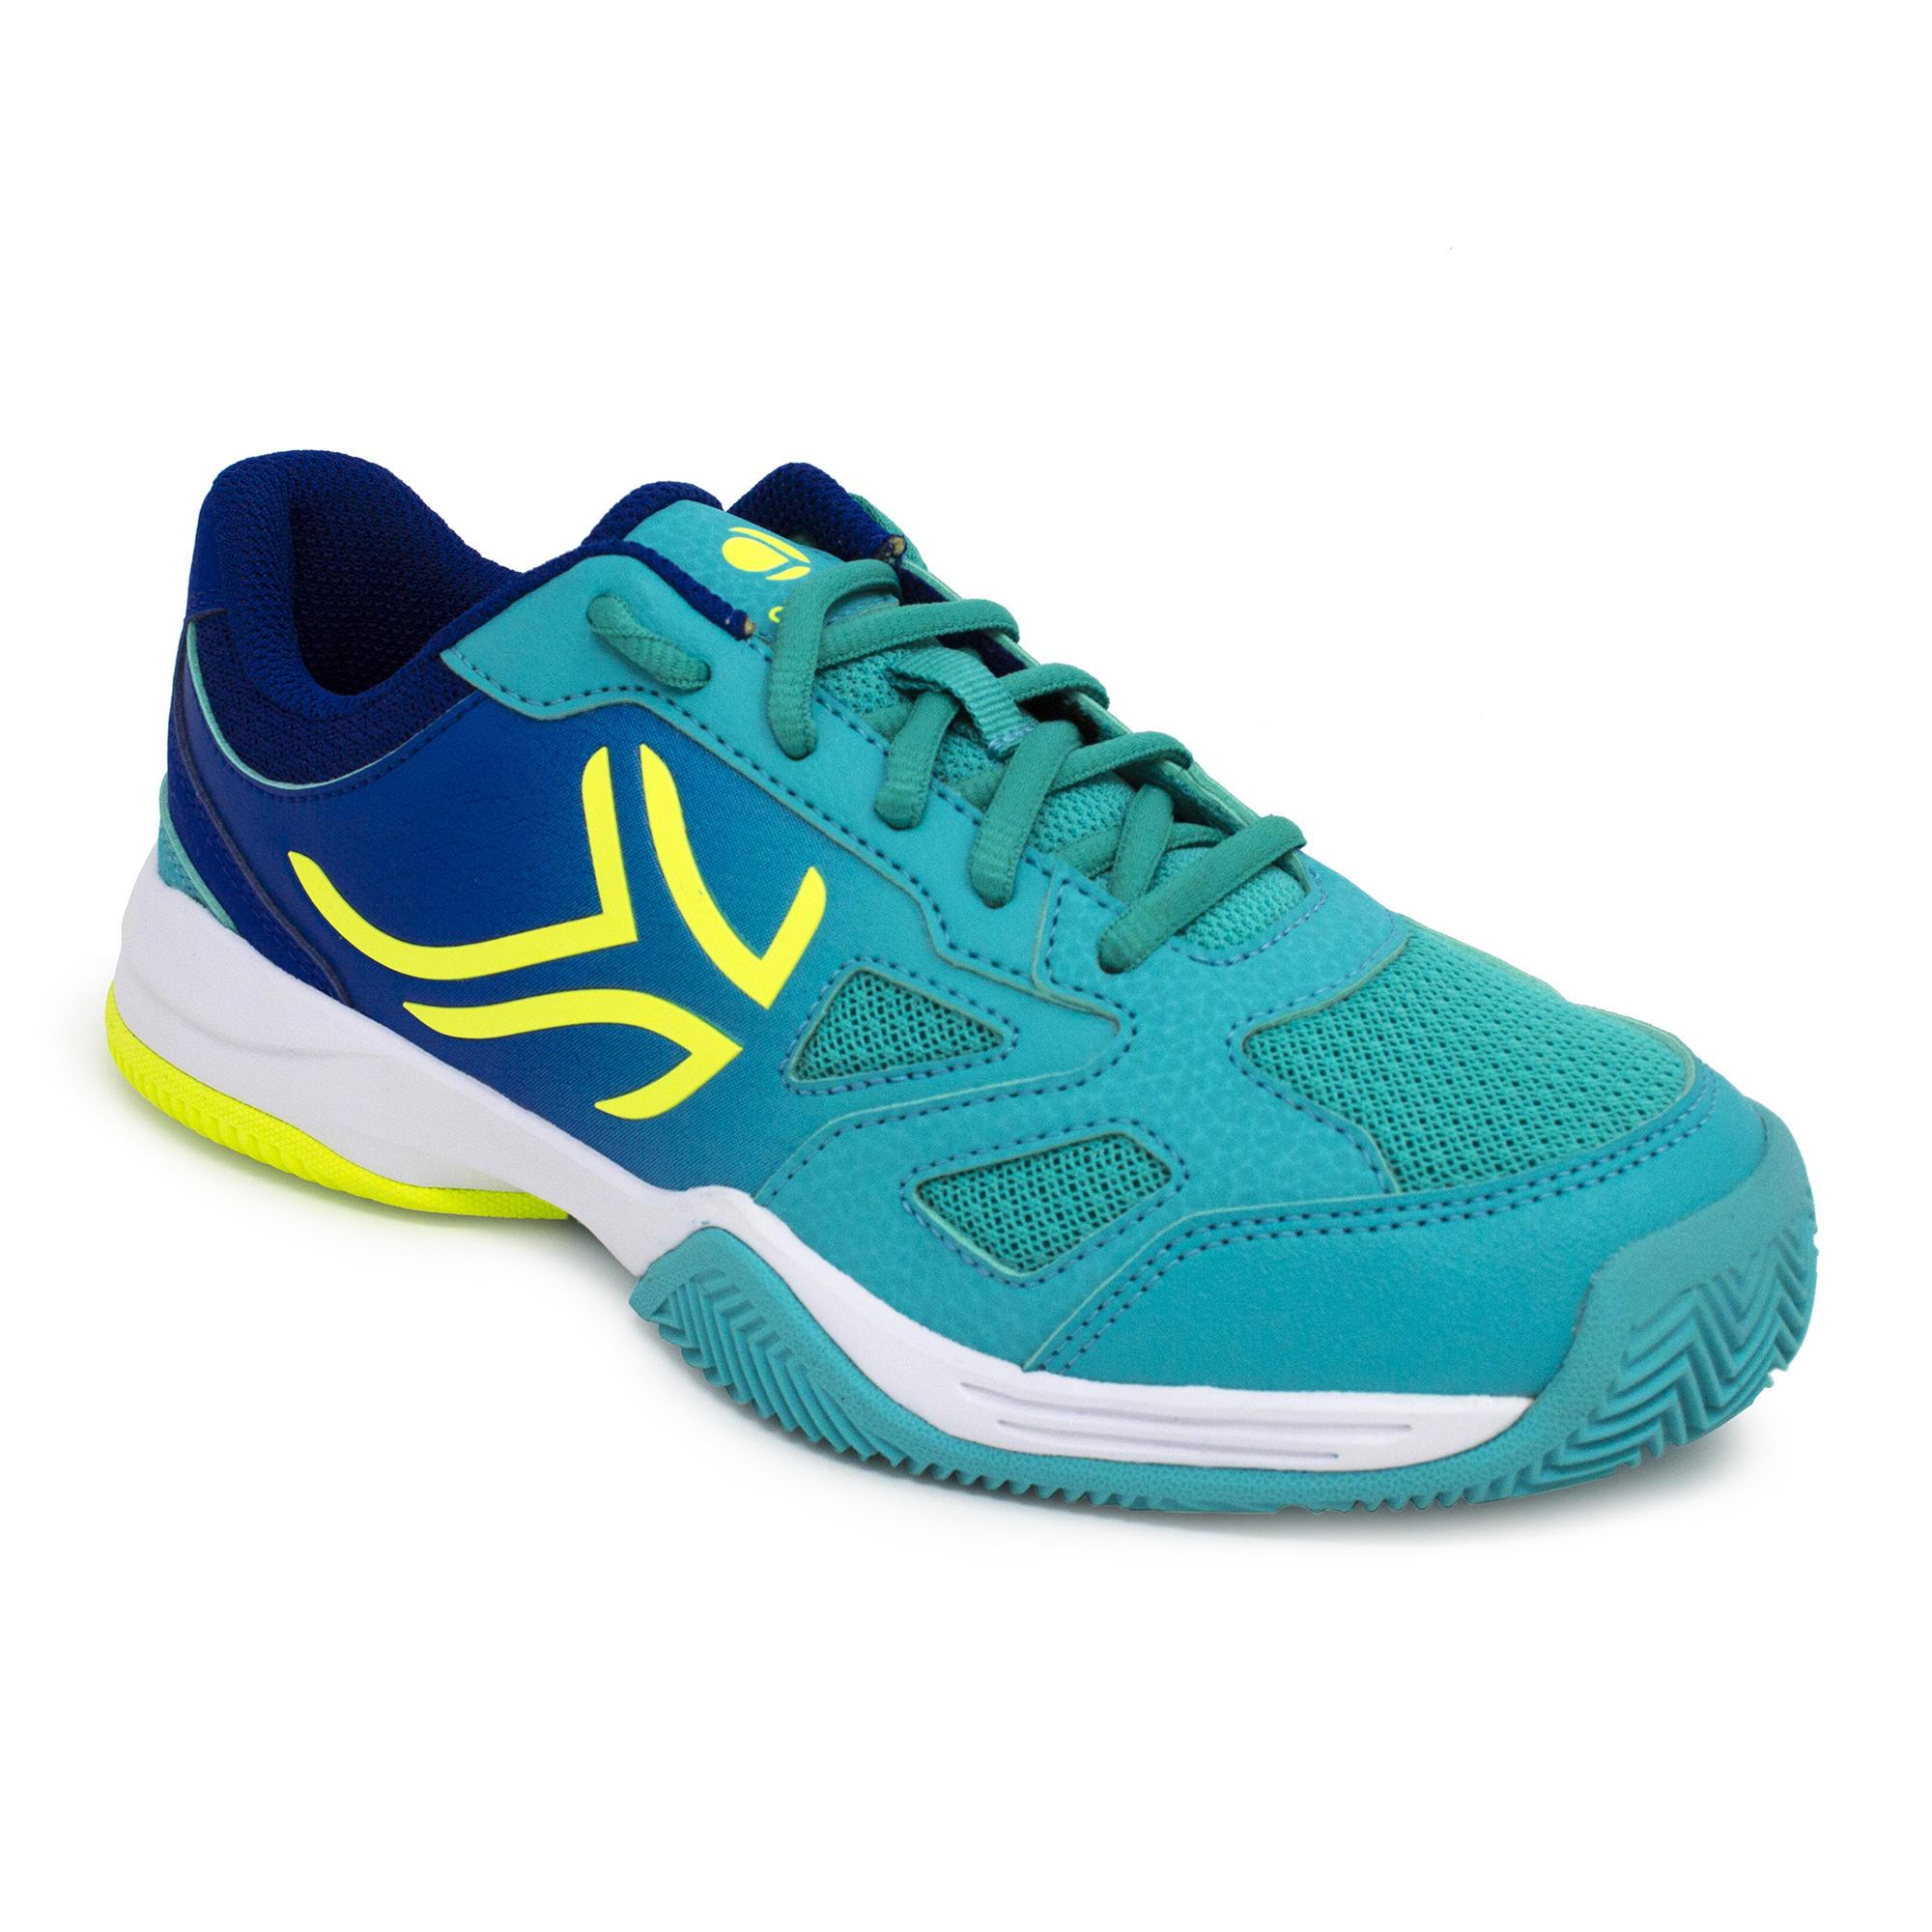 Artengo Chaussures de padel PS 560 Jr Bleu - Artengo